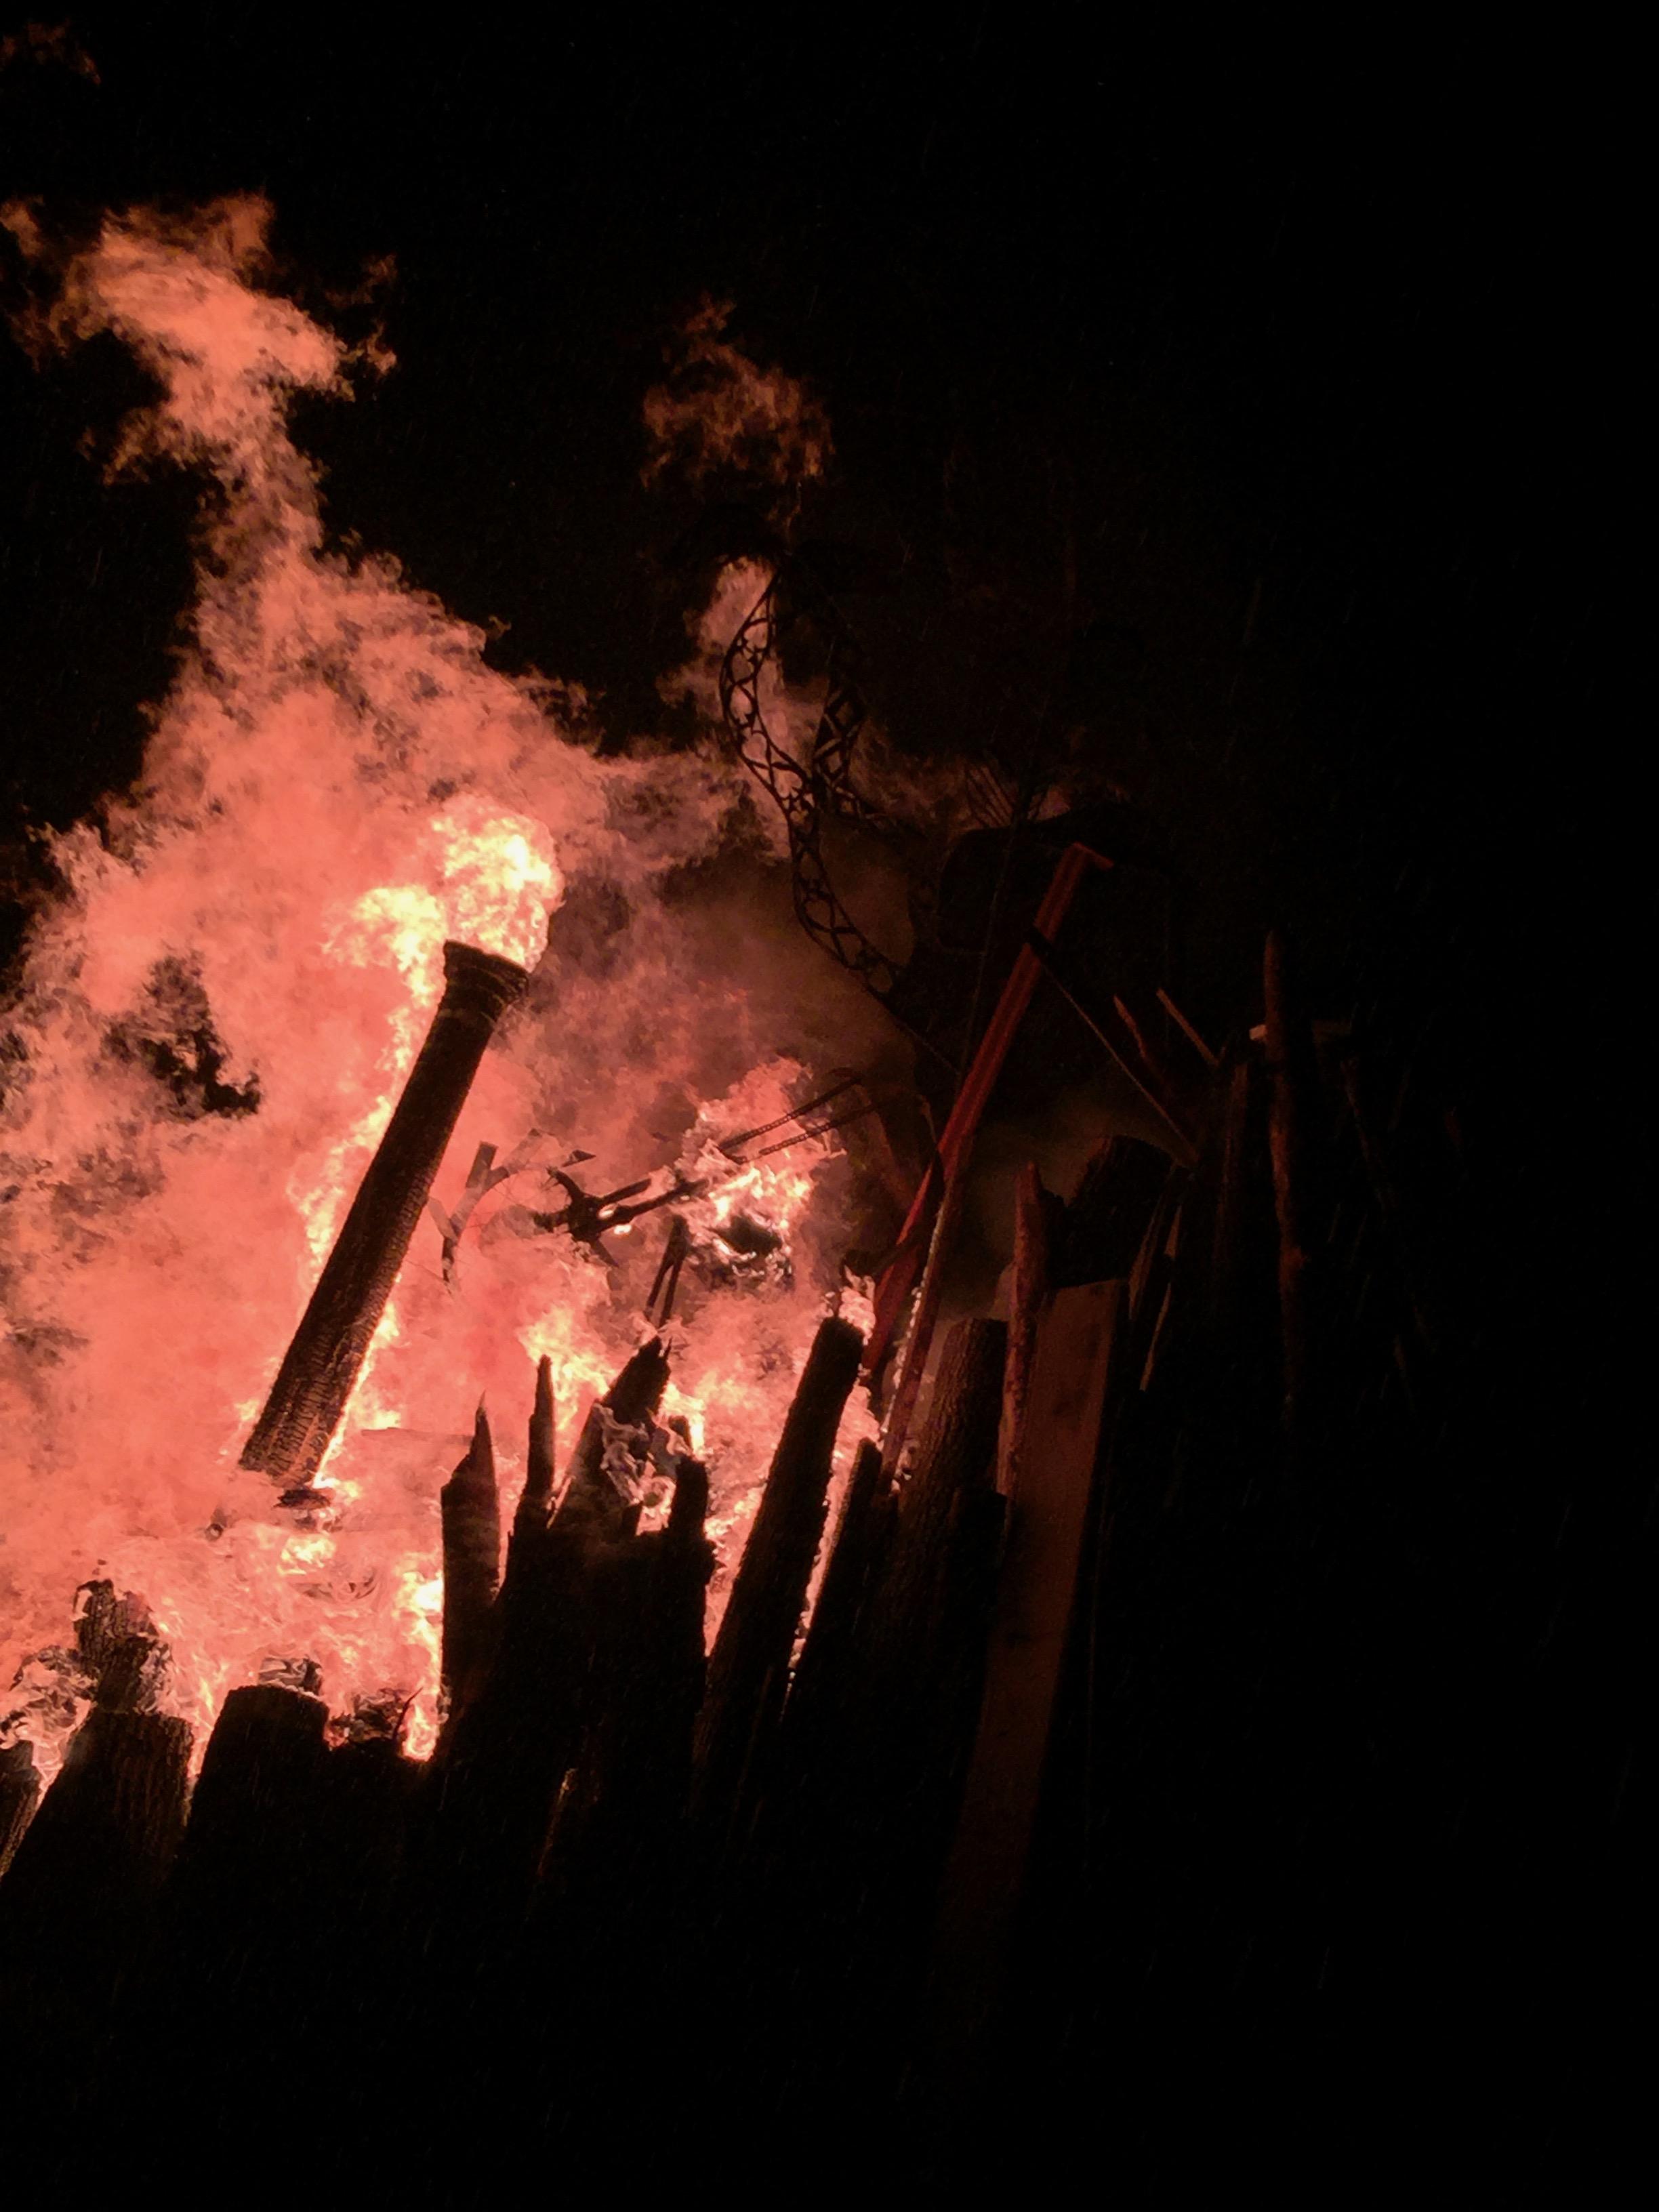 effigy (burning)